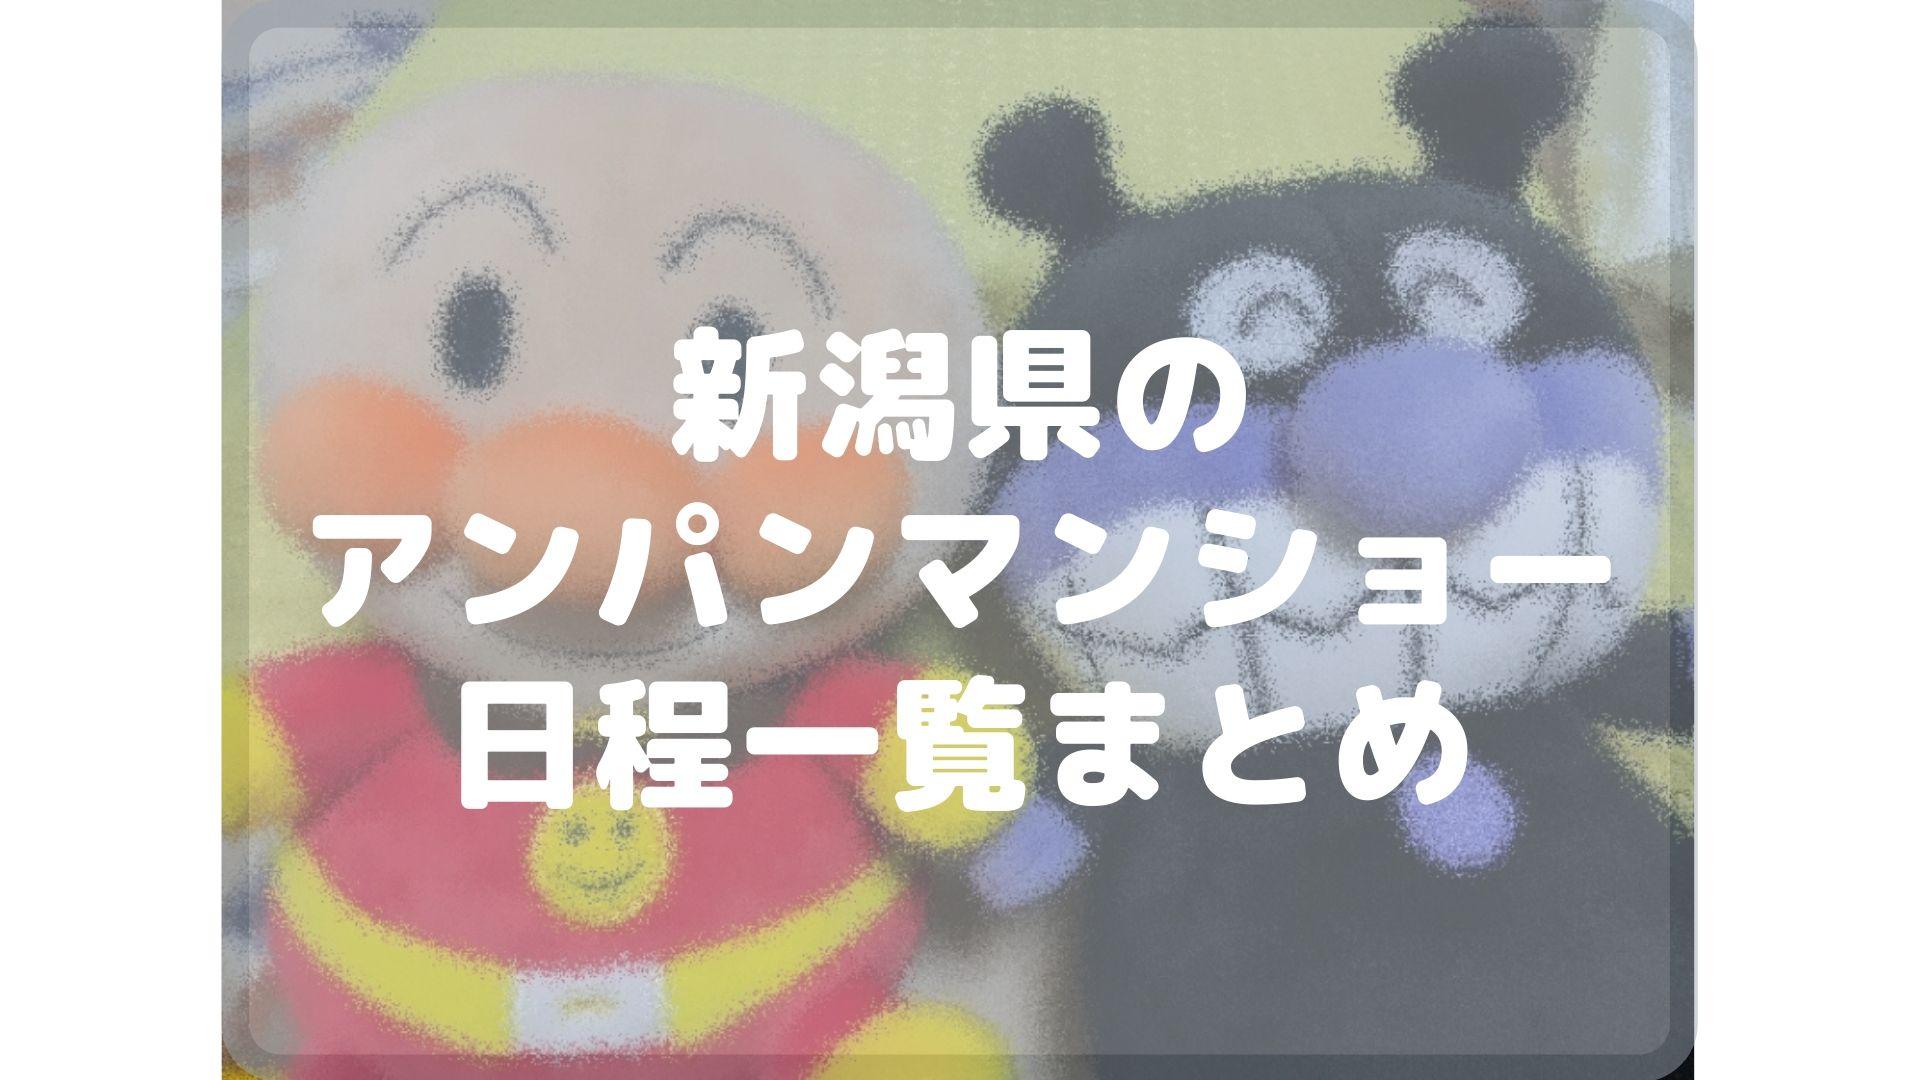 新潟県のアンパンマンショーまとめタイトル画像